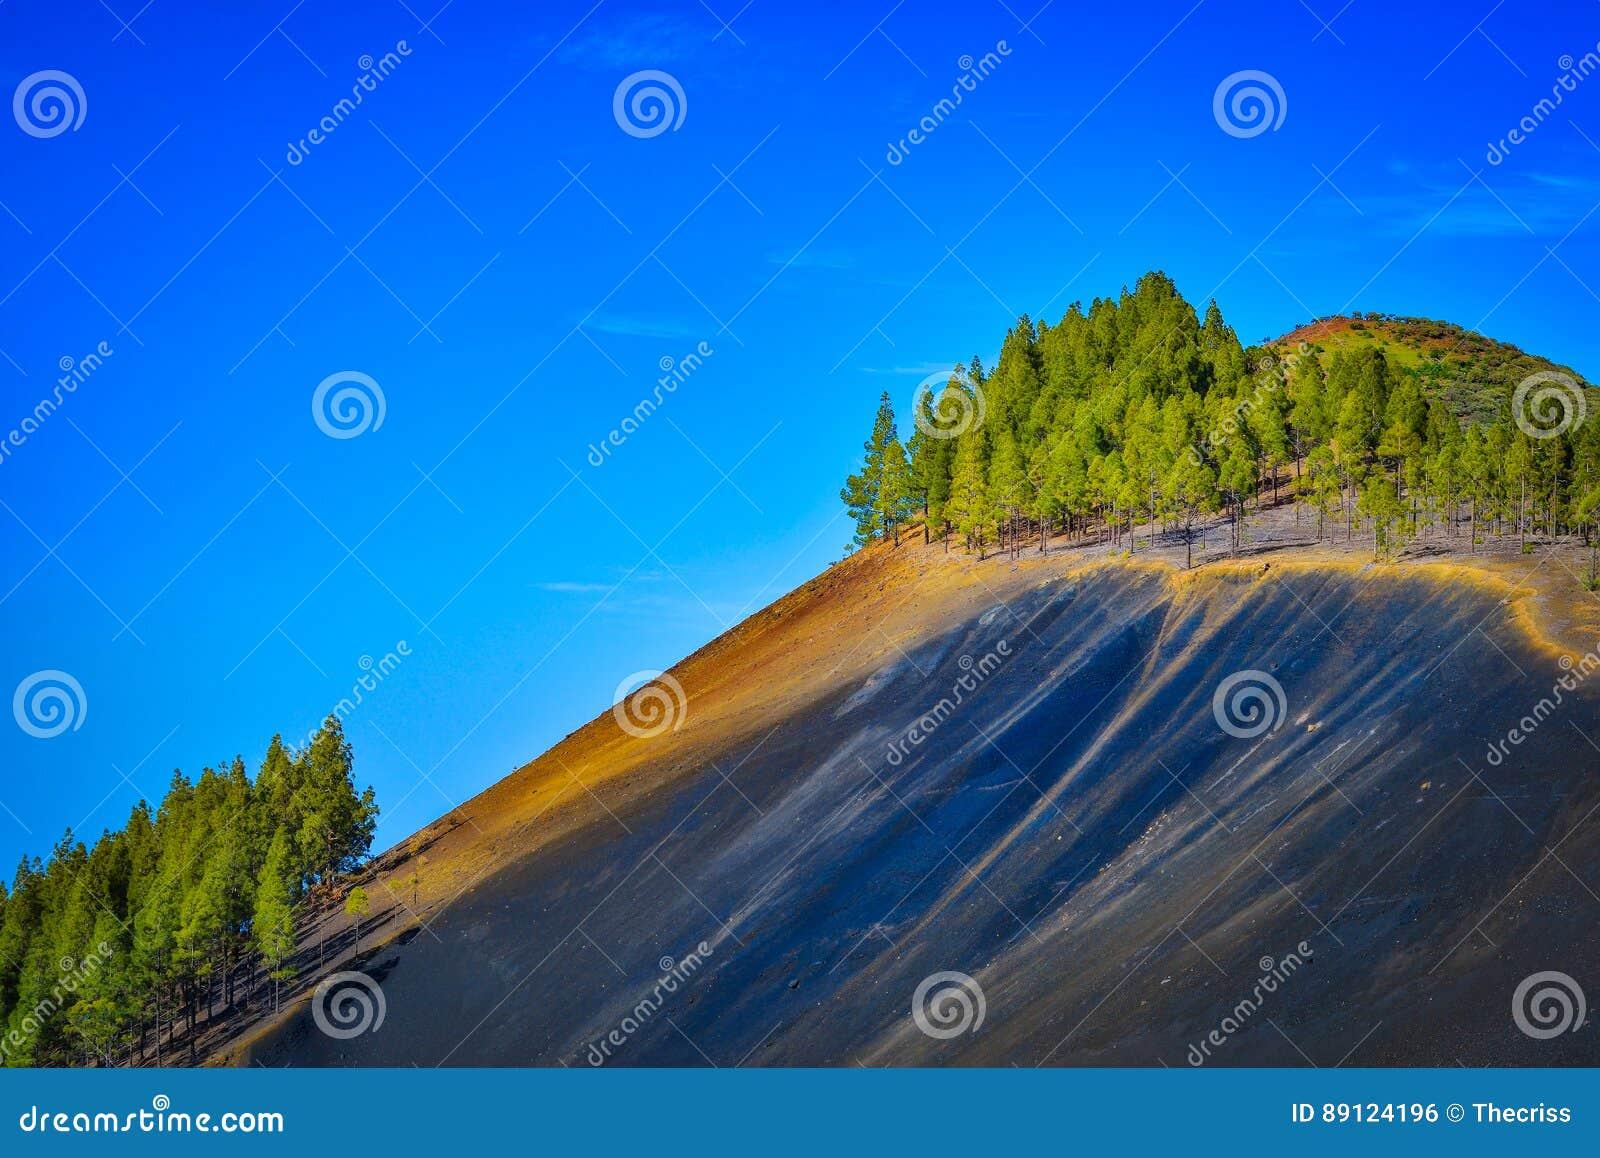 Berglandschap met vulkanische grond en pijnboombomen in het eiland van Gran Canaria, Spanje